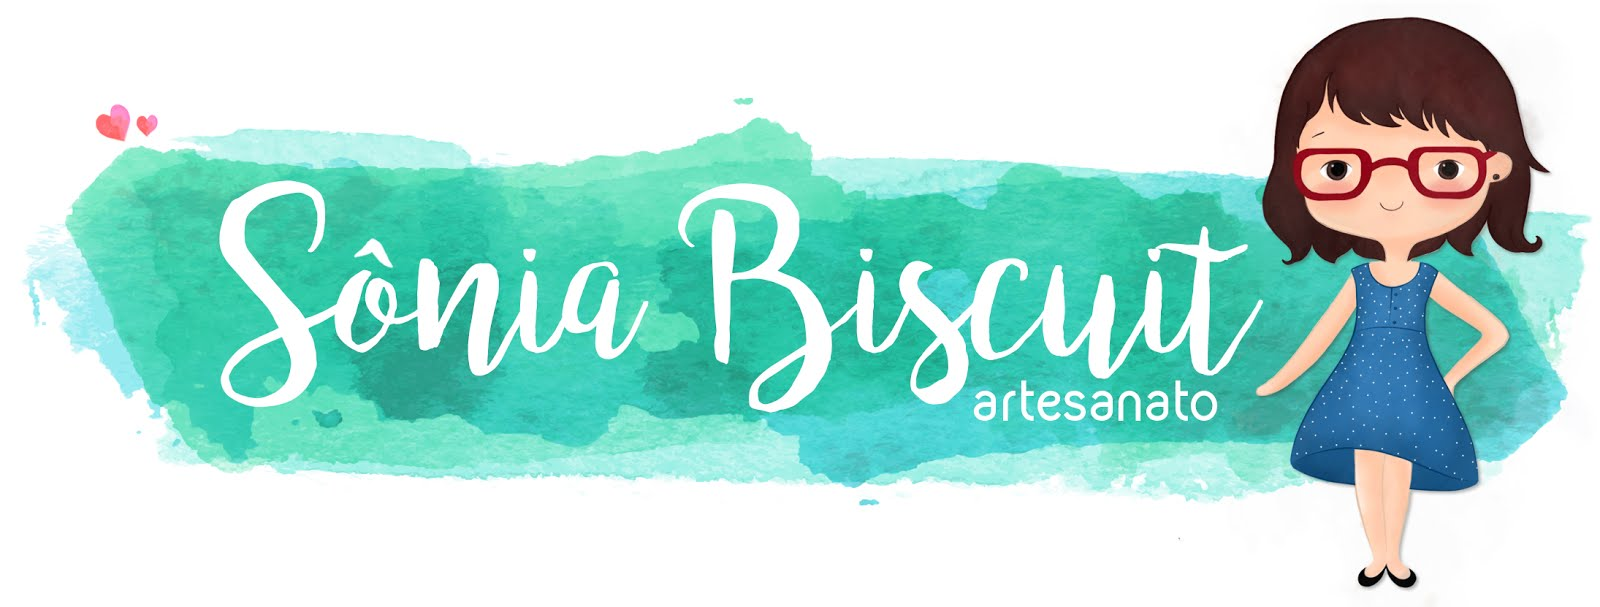 Sônia Biscuit